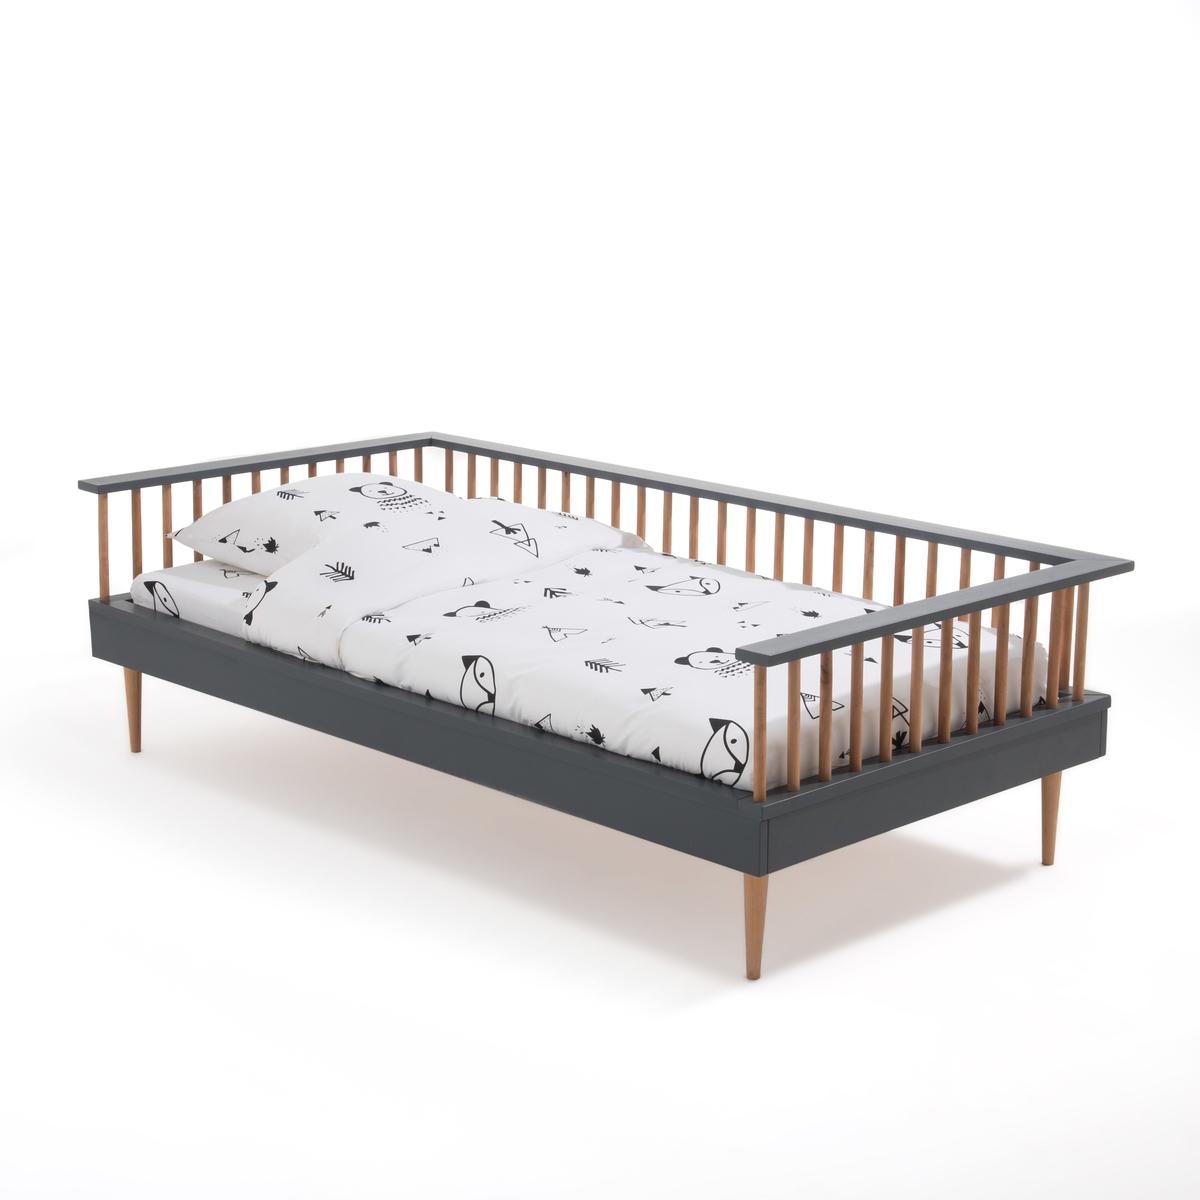 Диван-кровать La Redoute С кроватным основанием AFLI 90 x 190 см серый